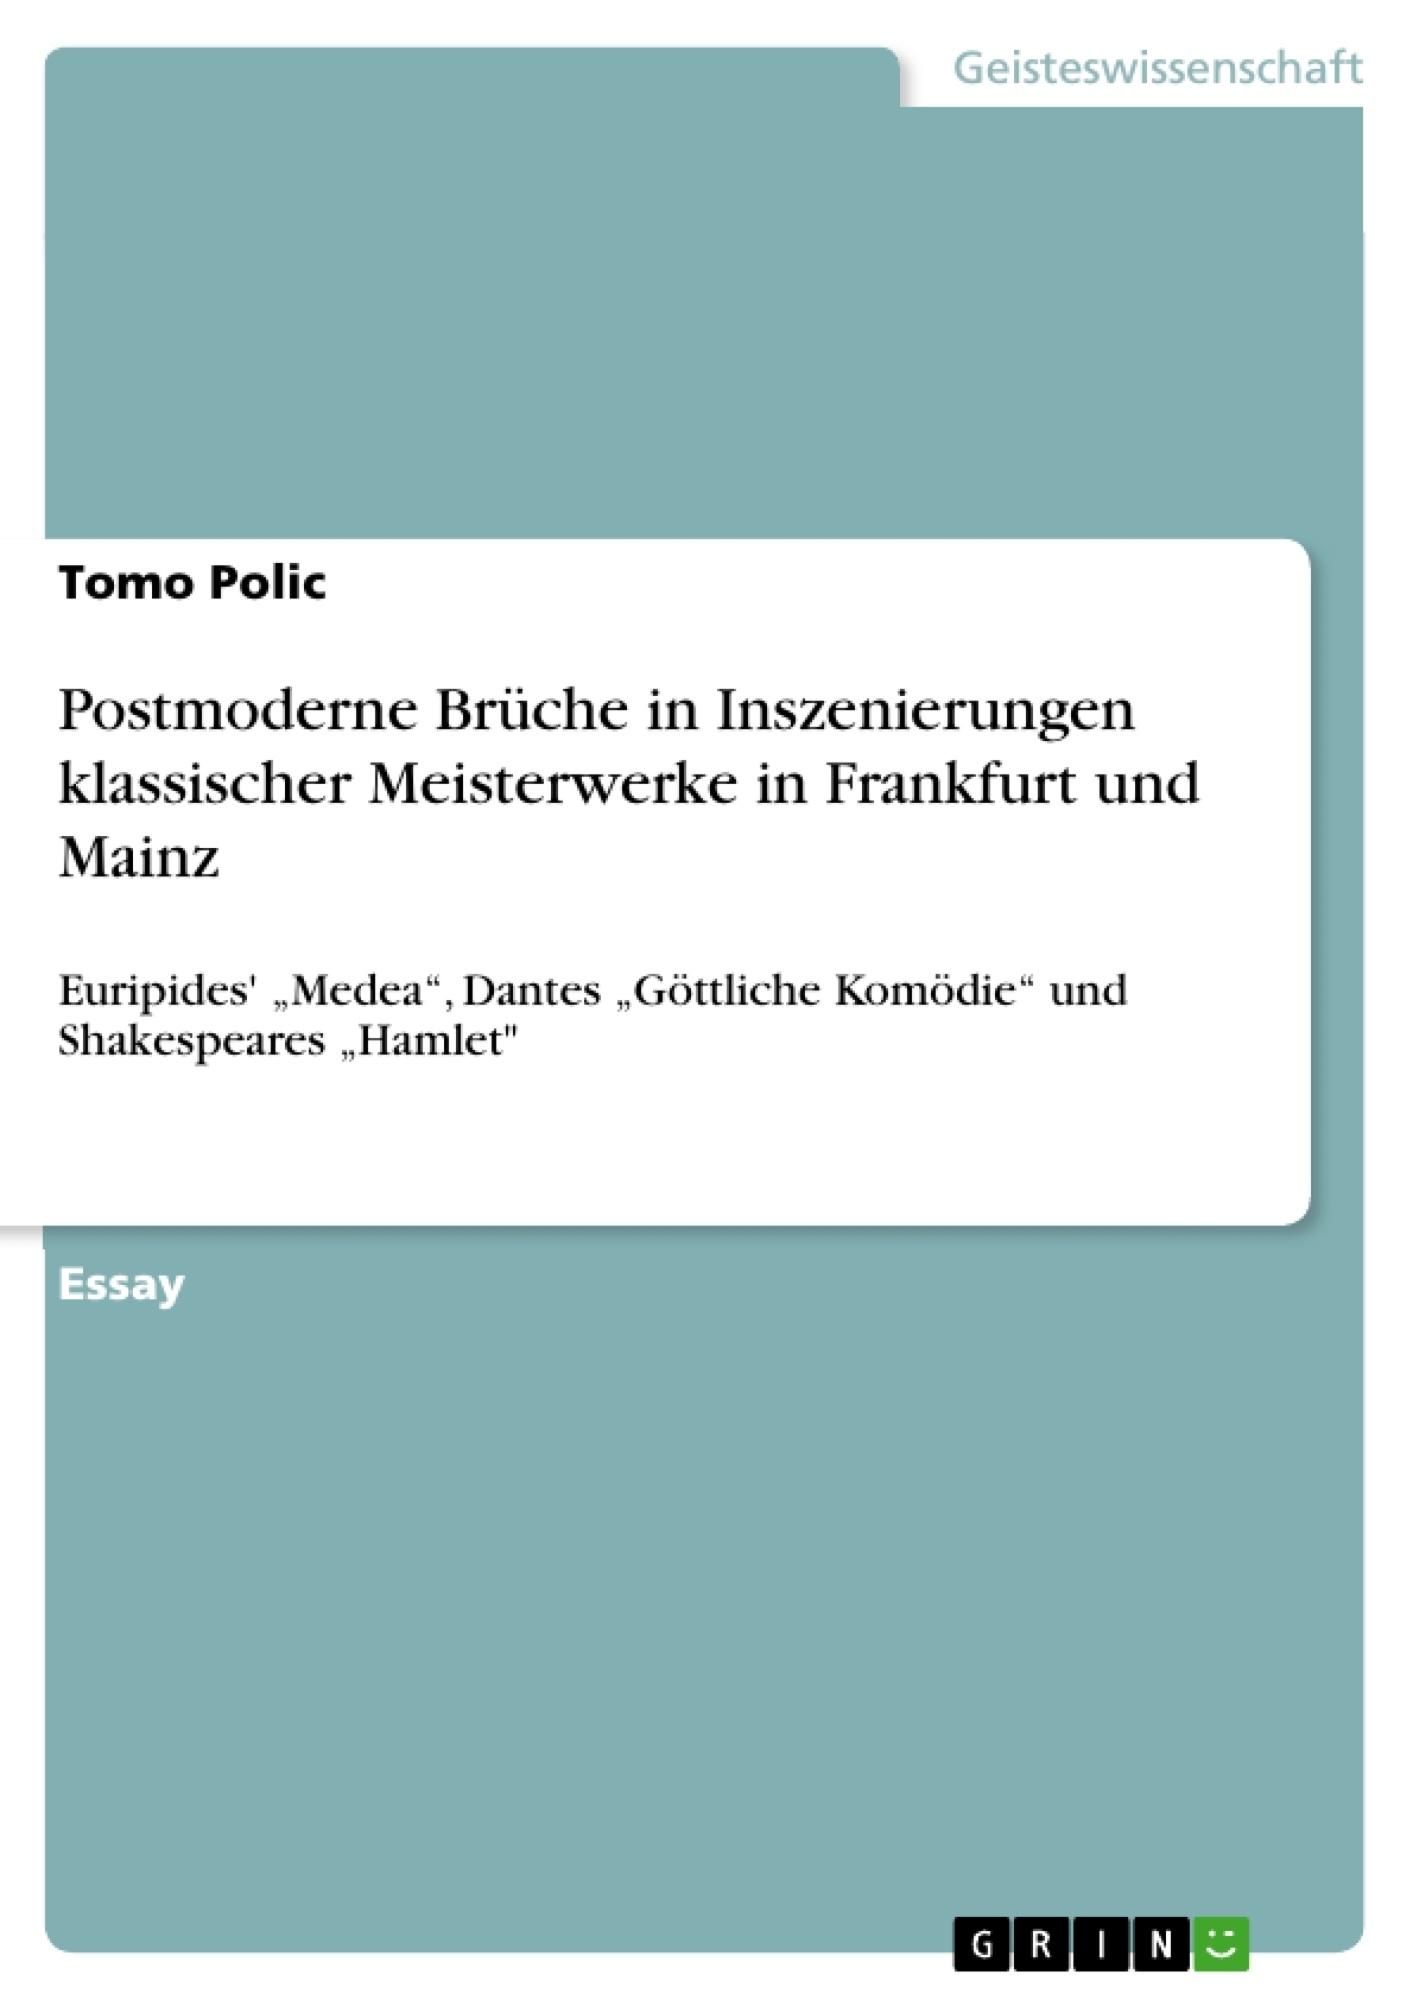 Titel: Postmoderne Brüche in Inszenierungen klassischer Meisterwerke in Frankfurt und Mainz